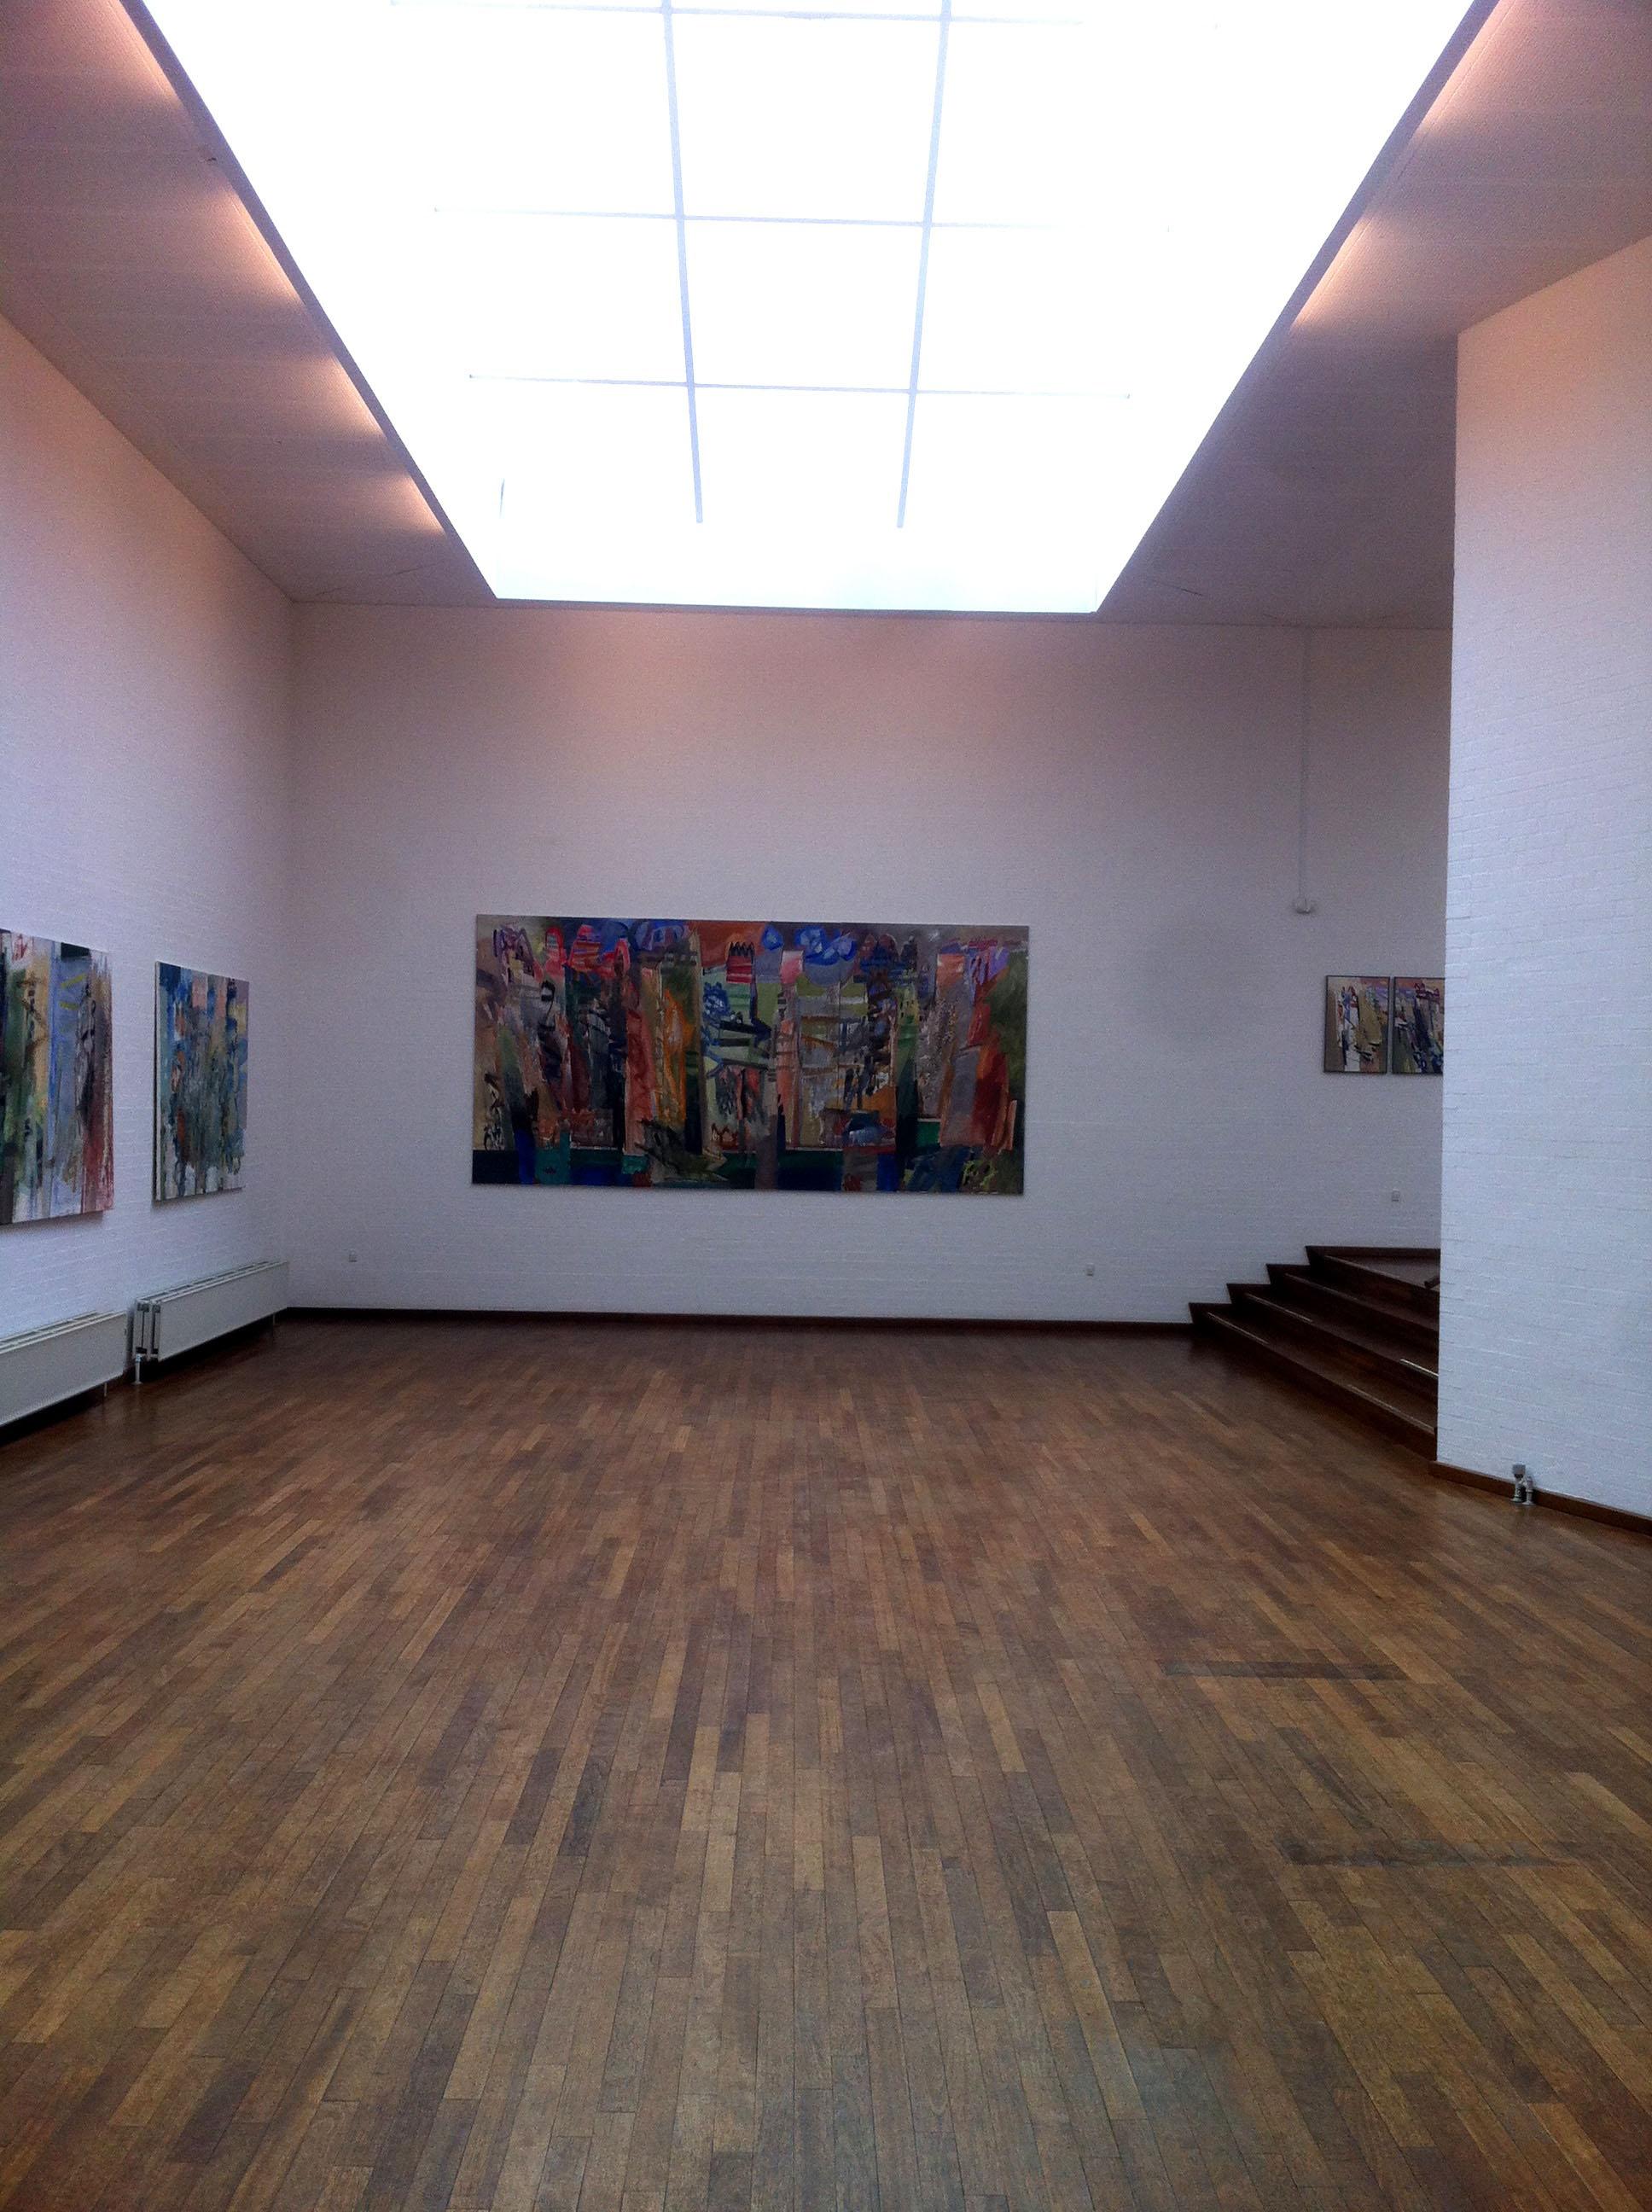 Fjeldvisioner, 2014